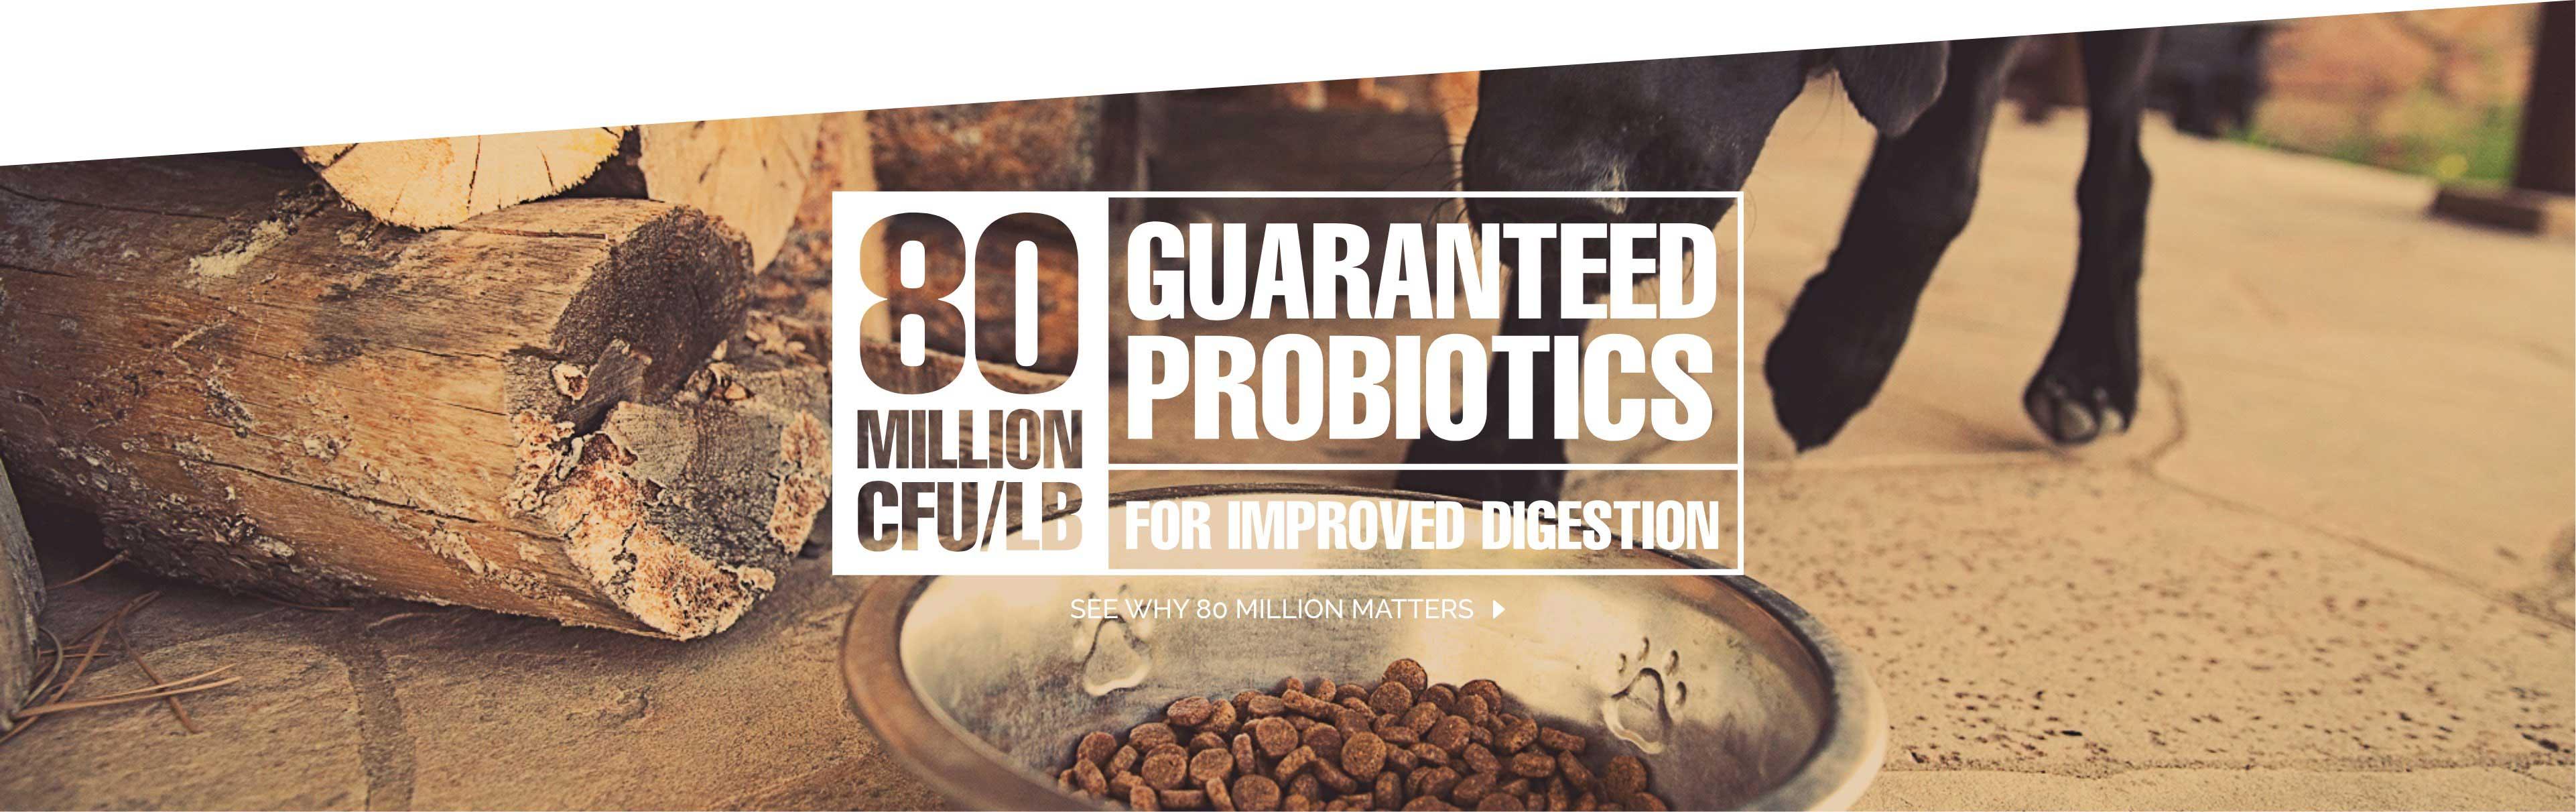 80 Guaranteed Probiotics